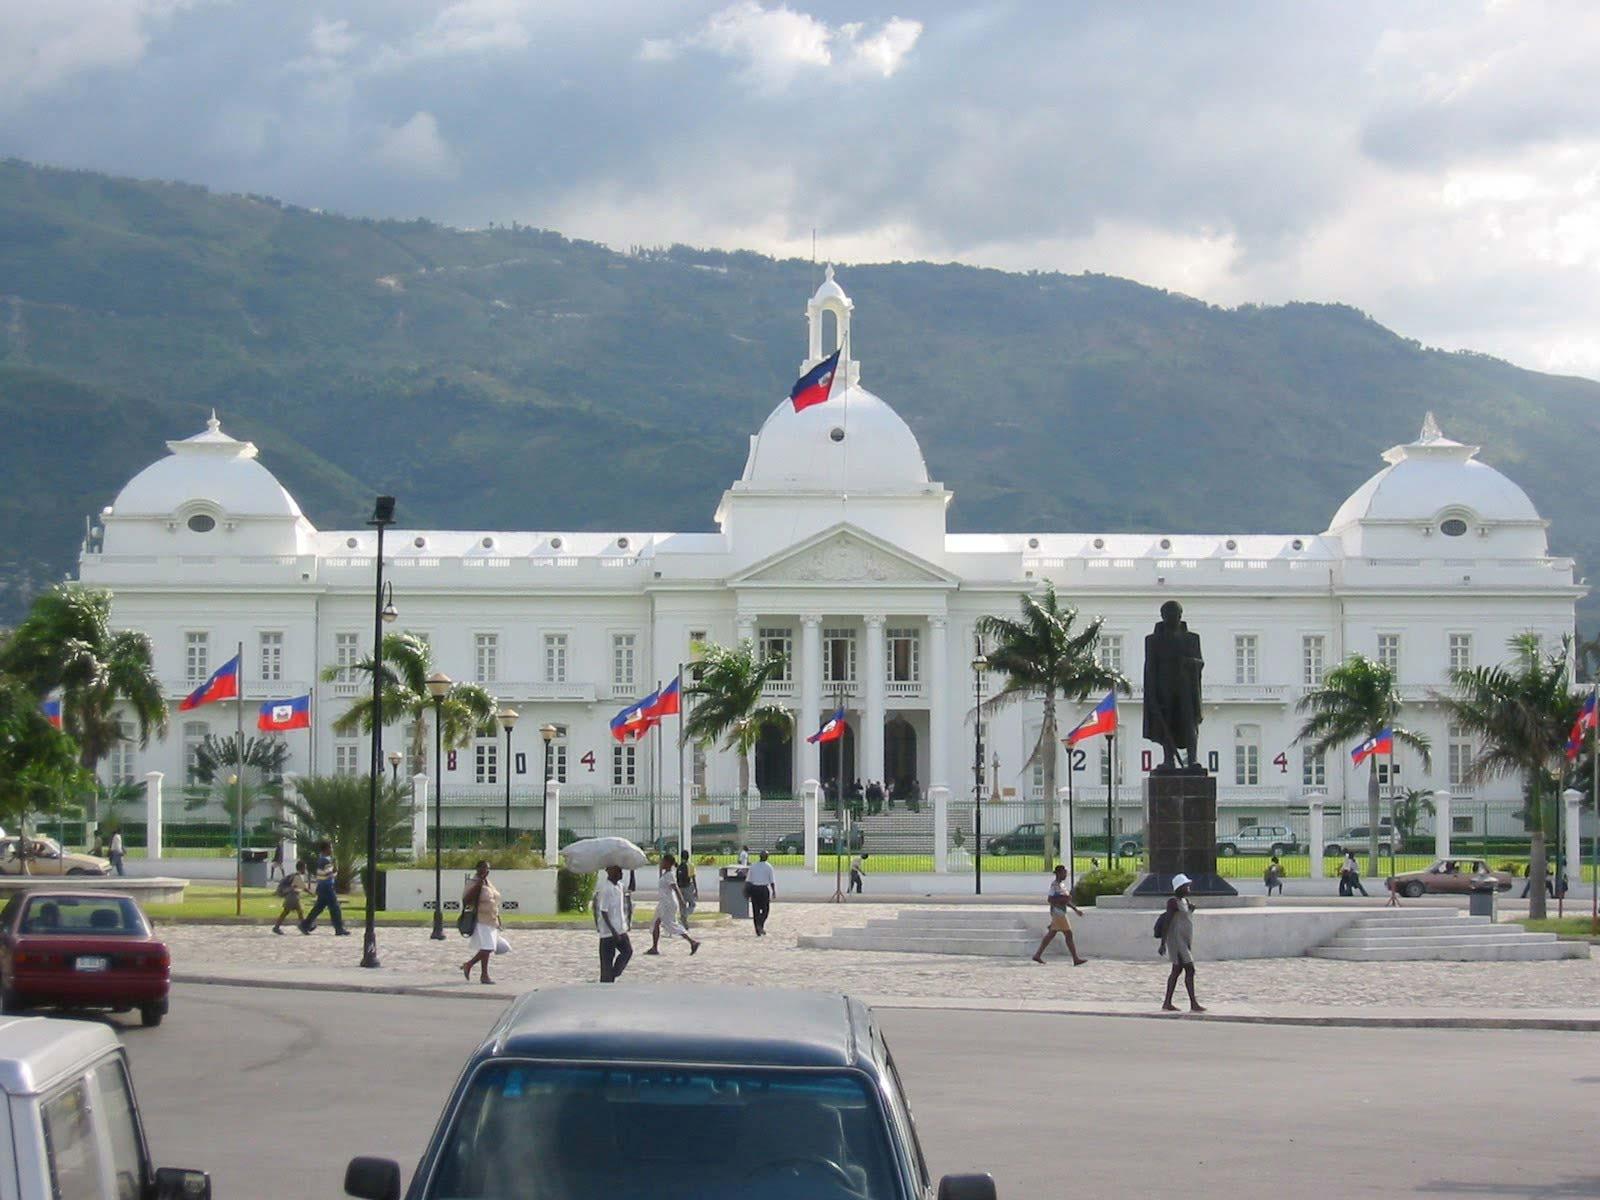 Республика Гаити. Фото, достопримечательности, информация и отдых в Гаити